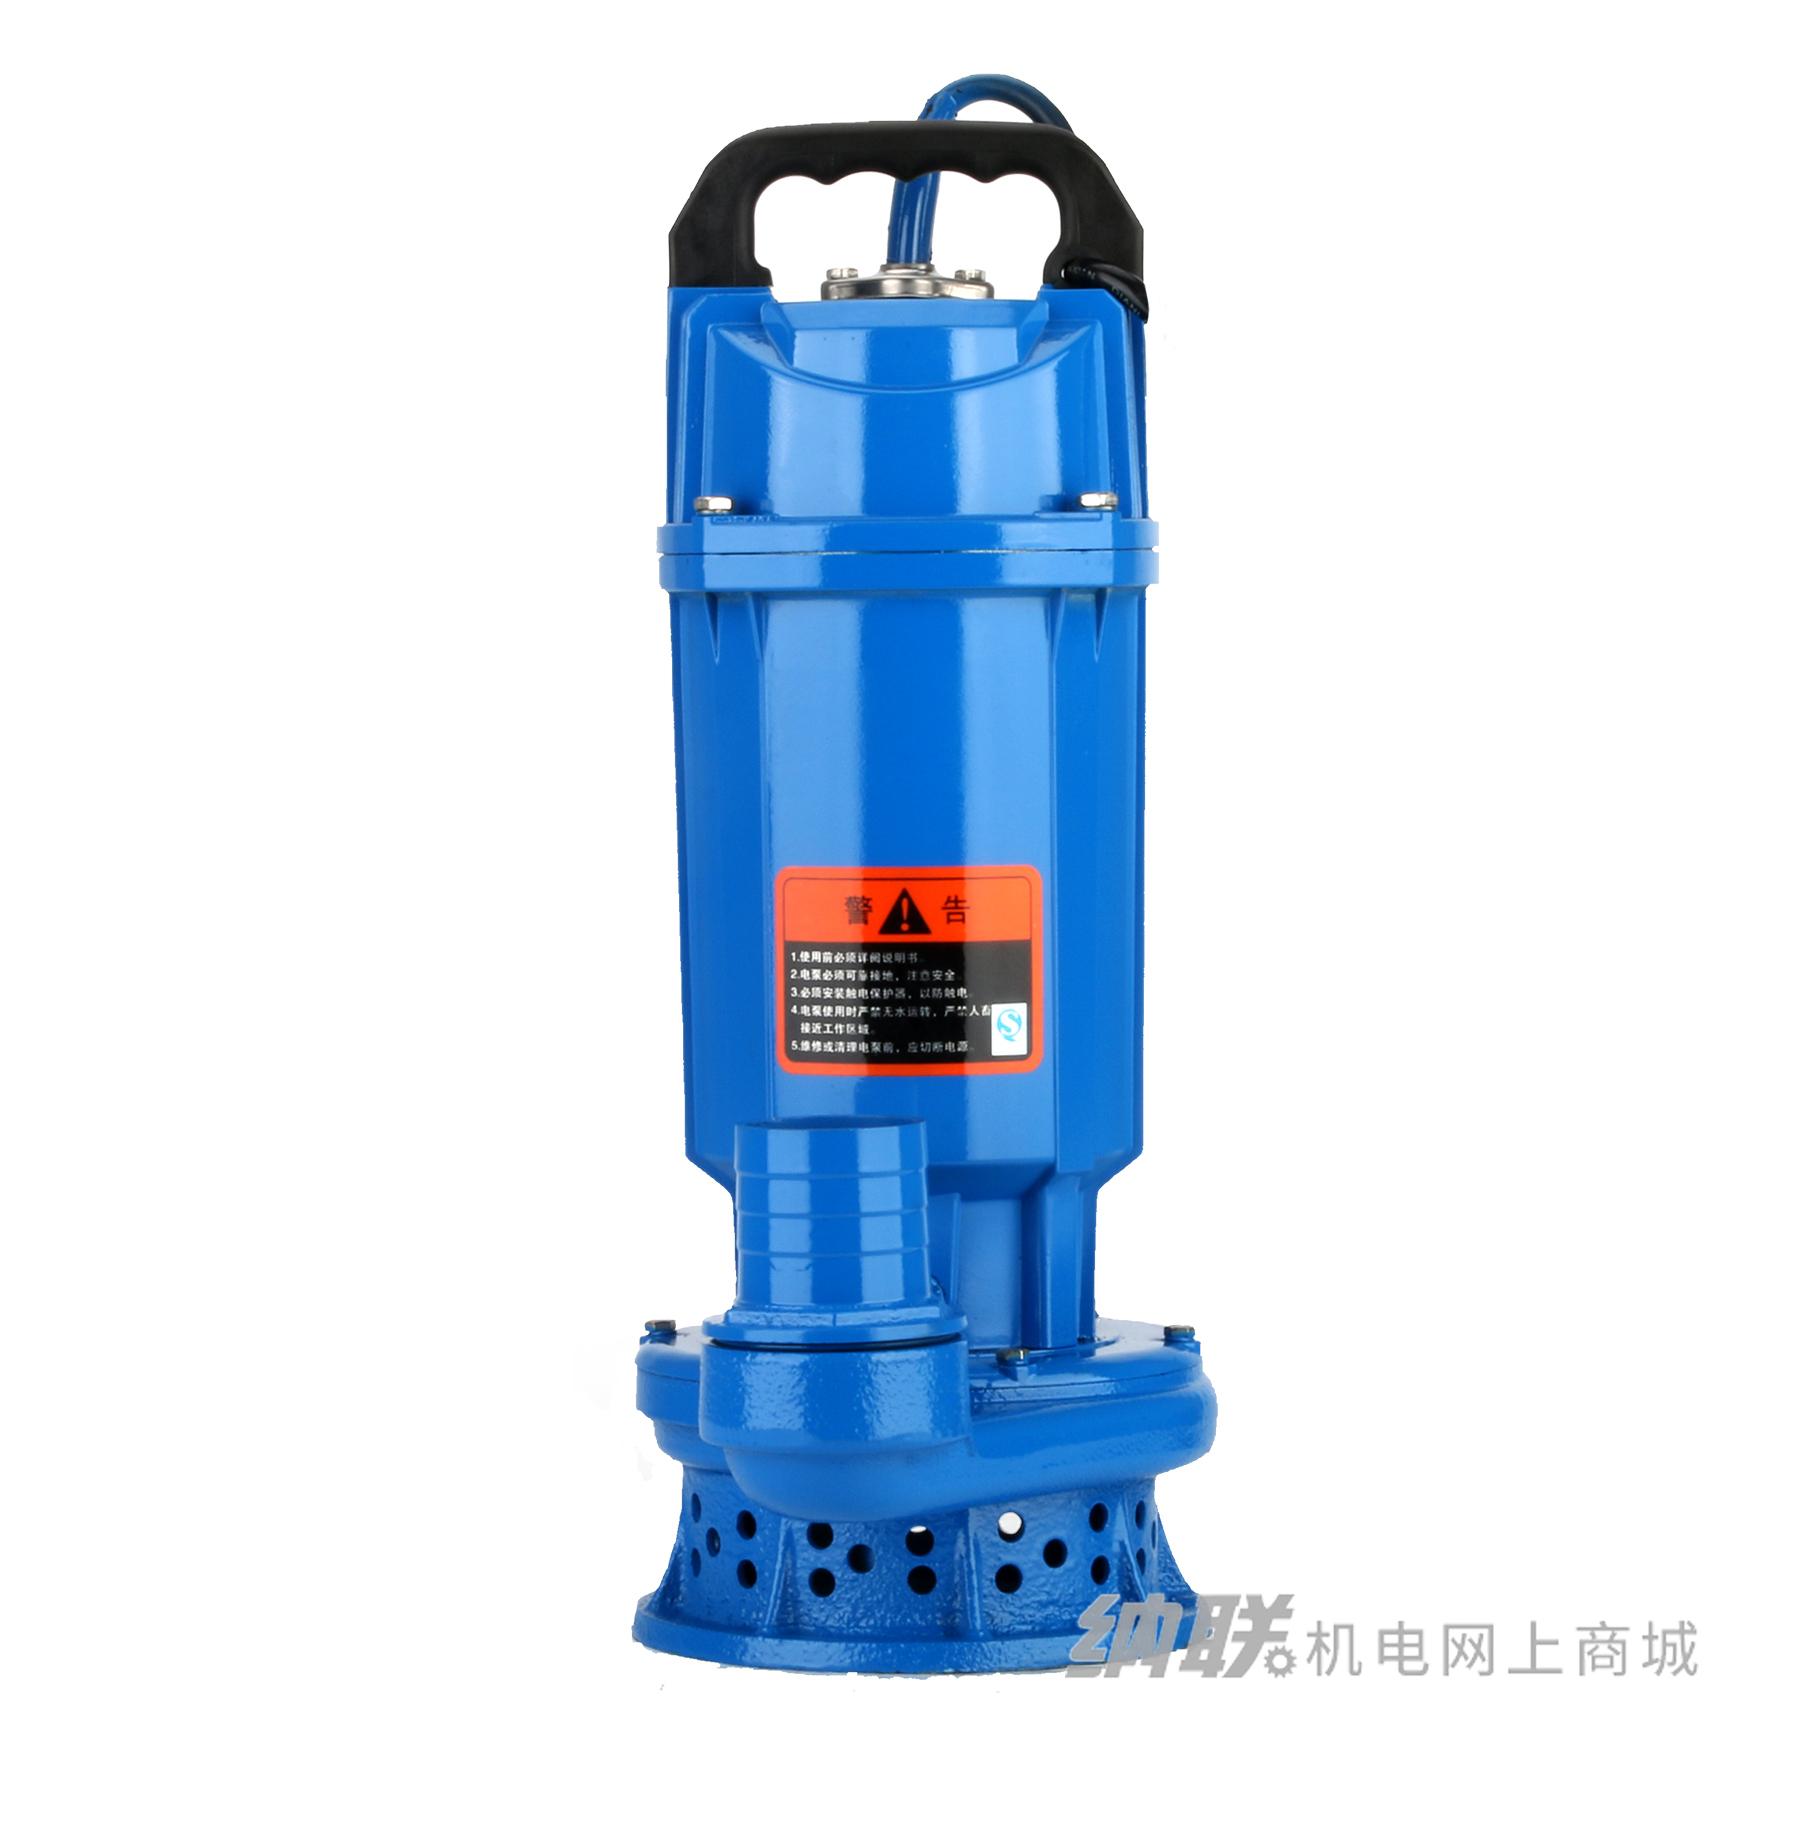 纳联机电 潜水泵-65QDX25-15-1.5(新版)